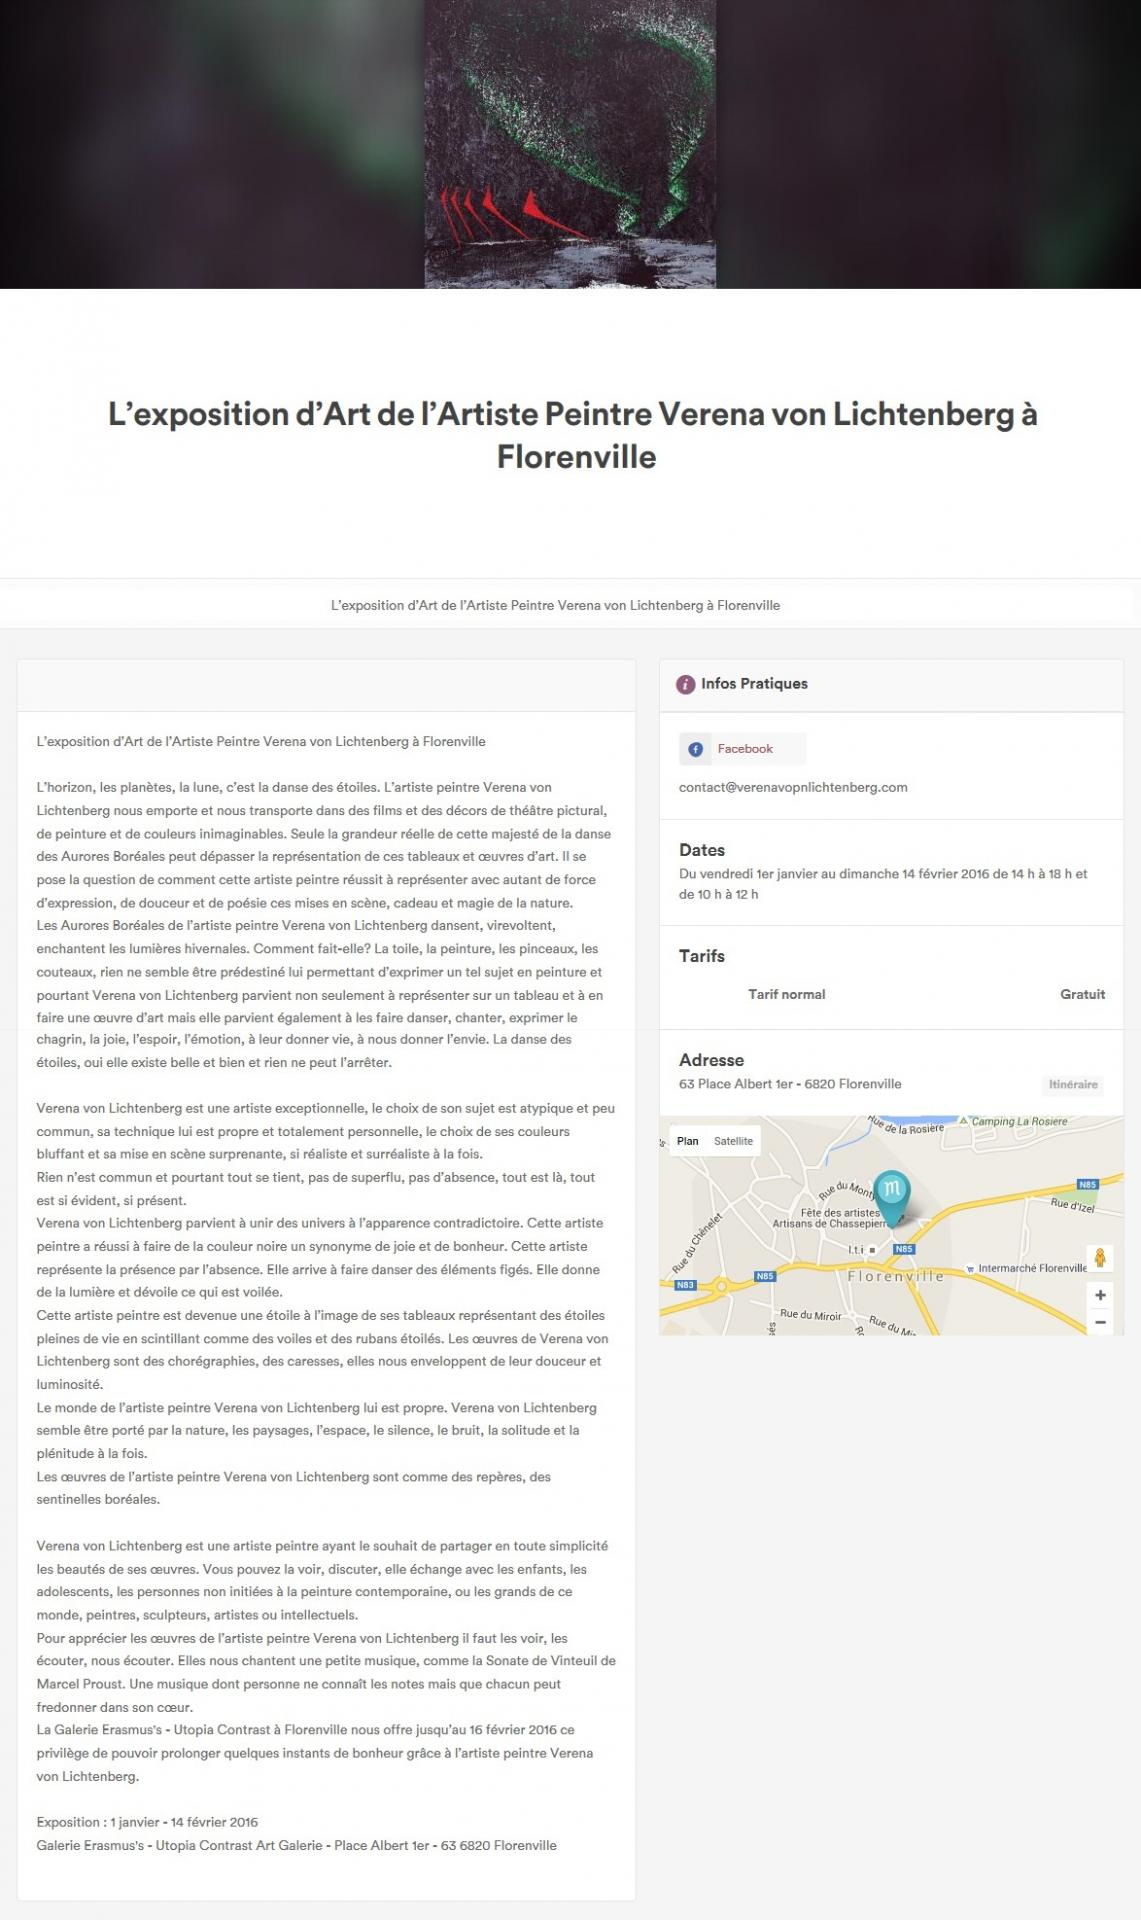 1 florenville une exposition d art de verena von lichtenberg les tableaux et oeuvres d art nord licht 1